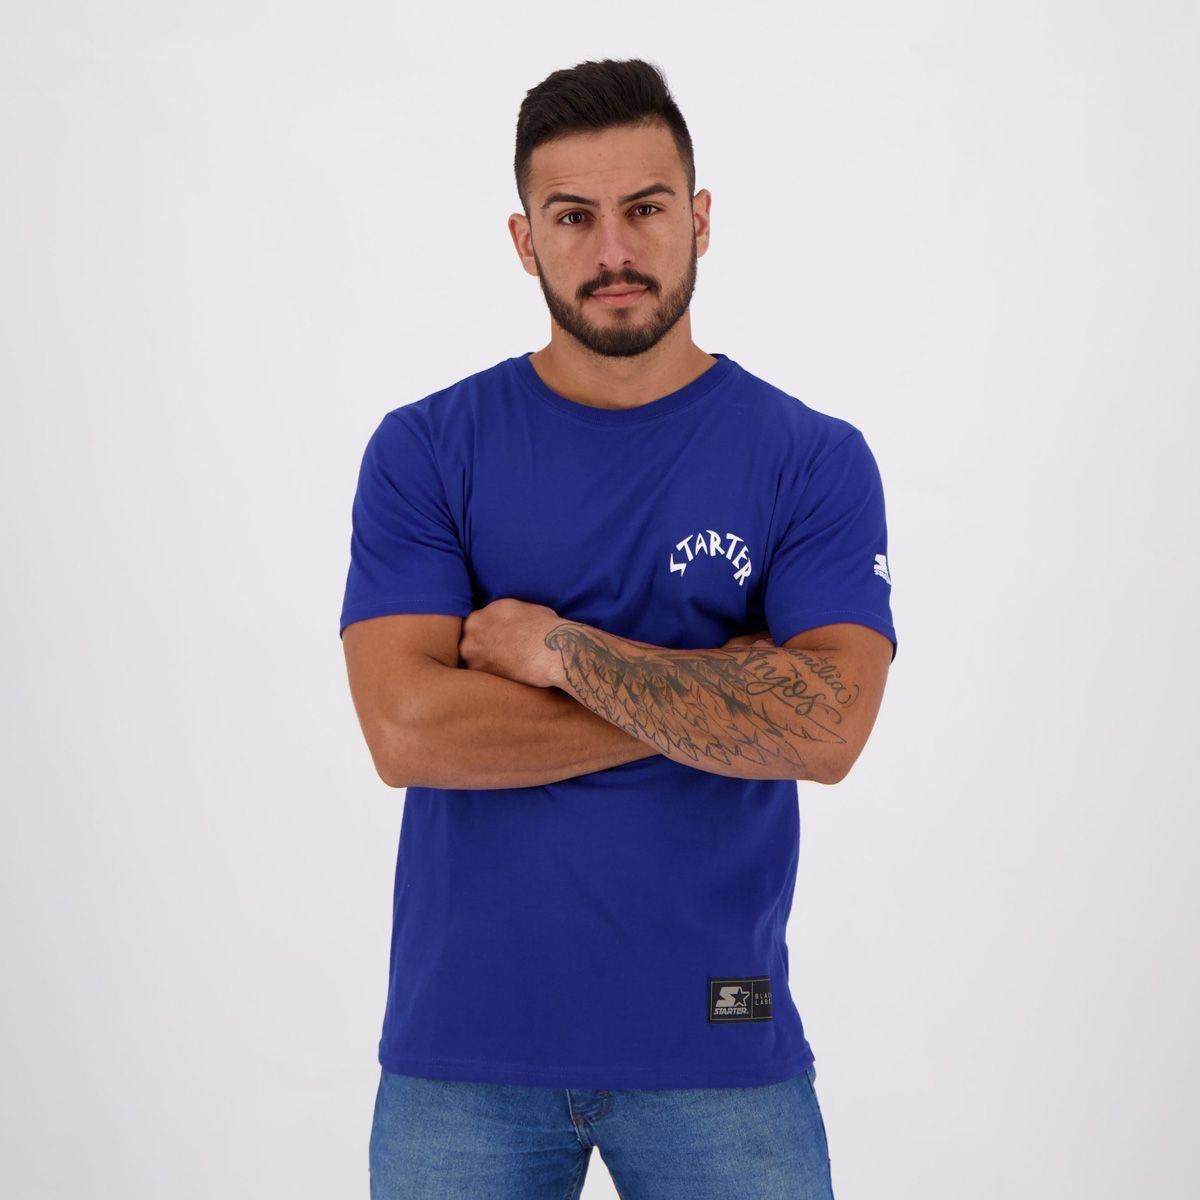 Camiseta Starter Nitro Estampada Masculina - Azul